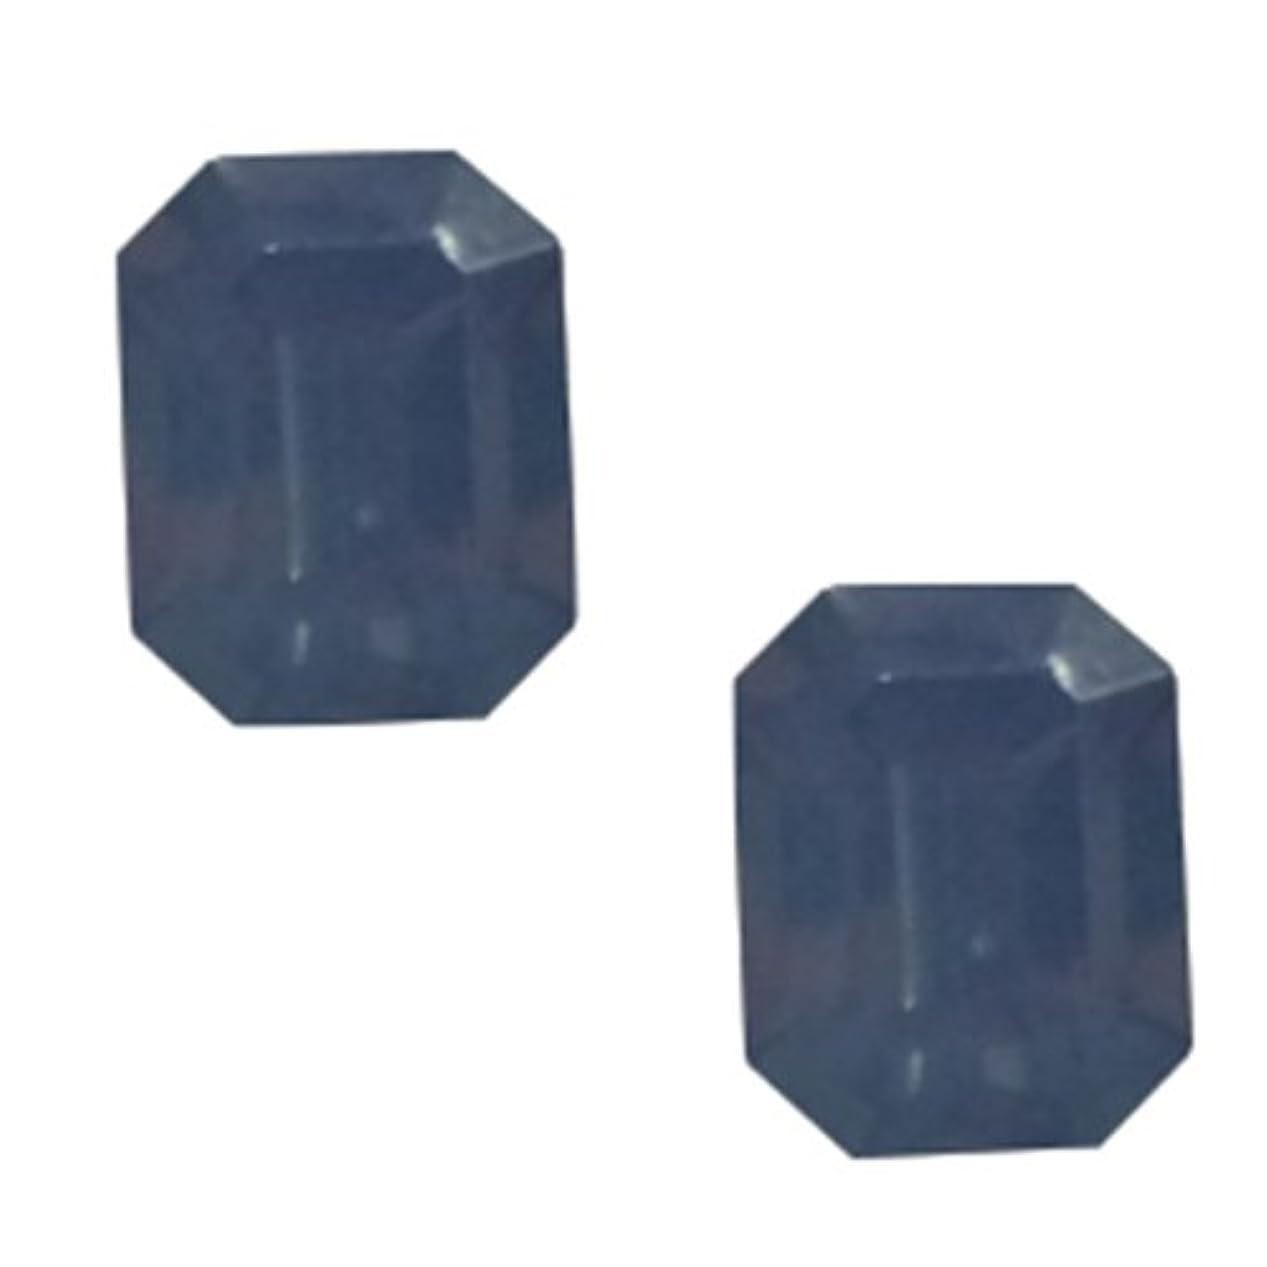 困惑アサー乳剤POSH ART ネイルパーツ長方形型 4*6mm 10P ブルーオパール